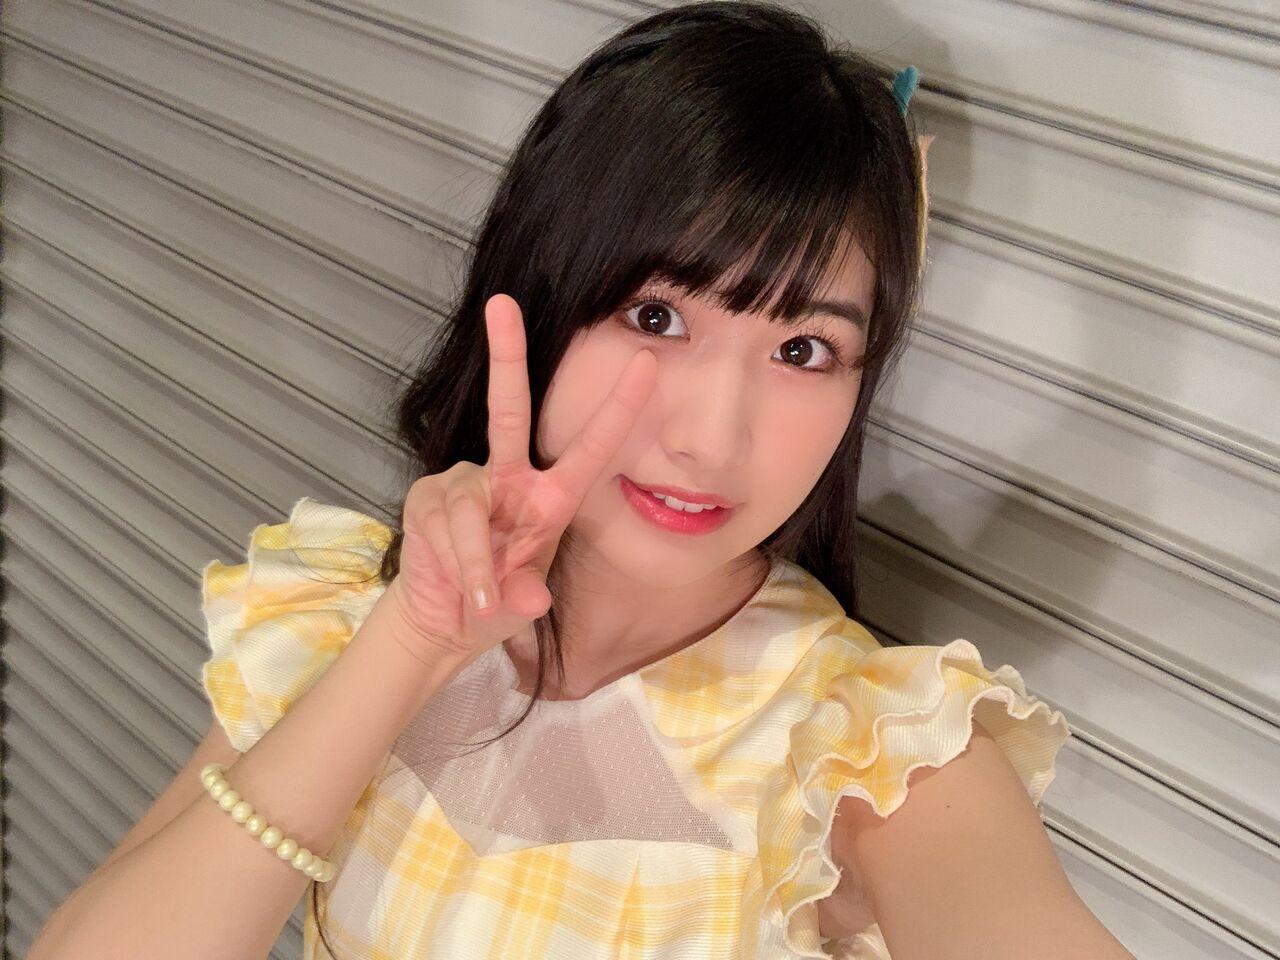 【朗報】 AKB48のパン職人・高橋彩香さん(チーム8) 握手会 全部数完売の快挙